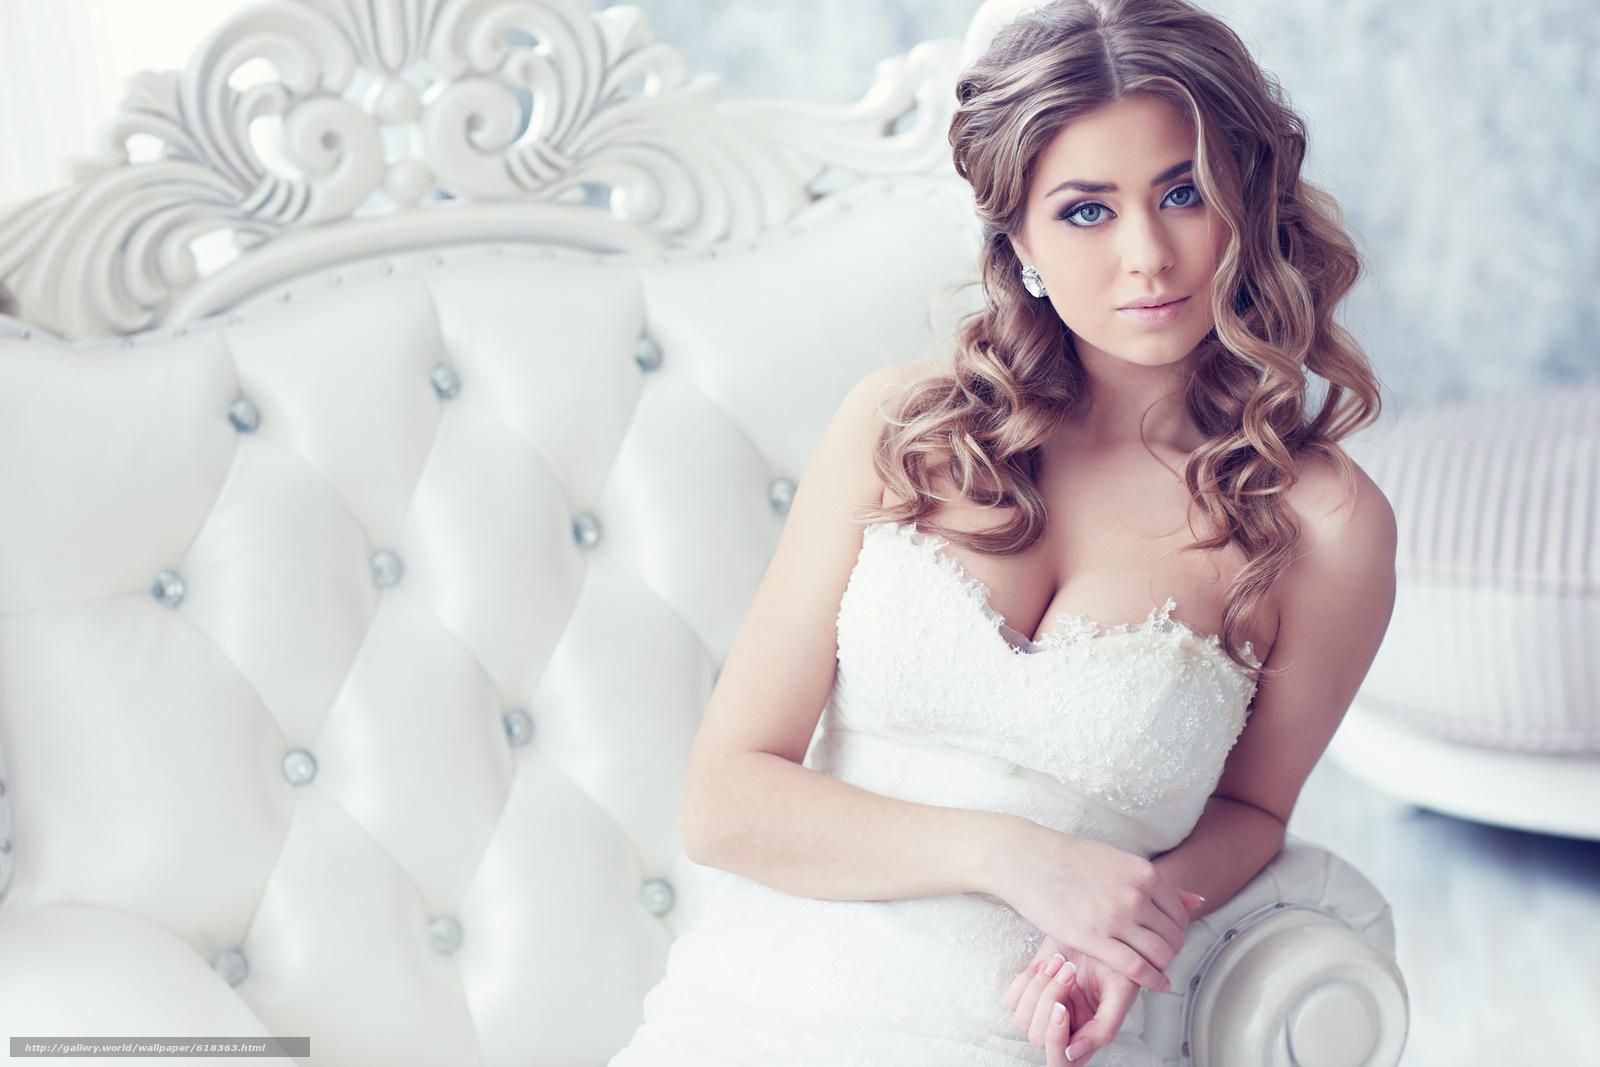 Русское порно зрелых мамочек смотреть онлайн на.